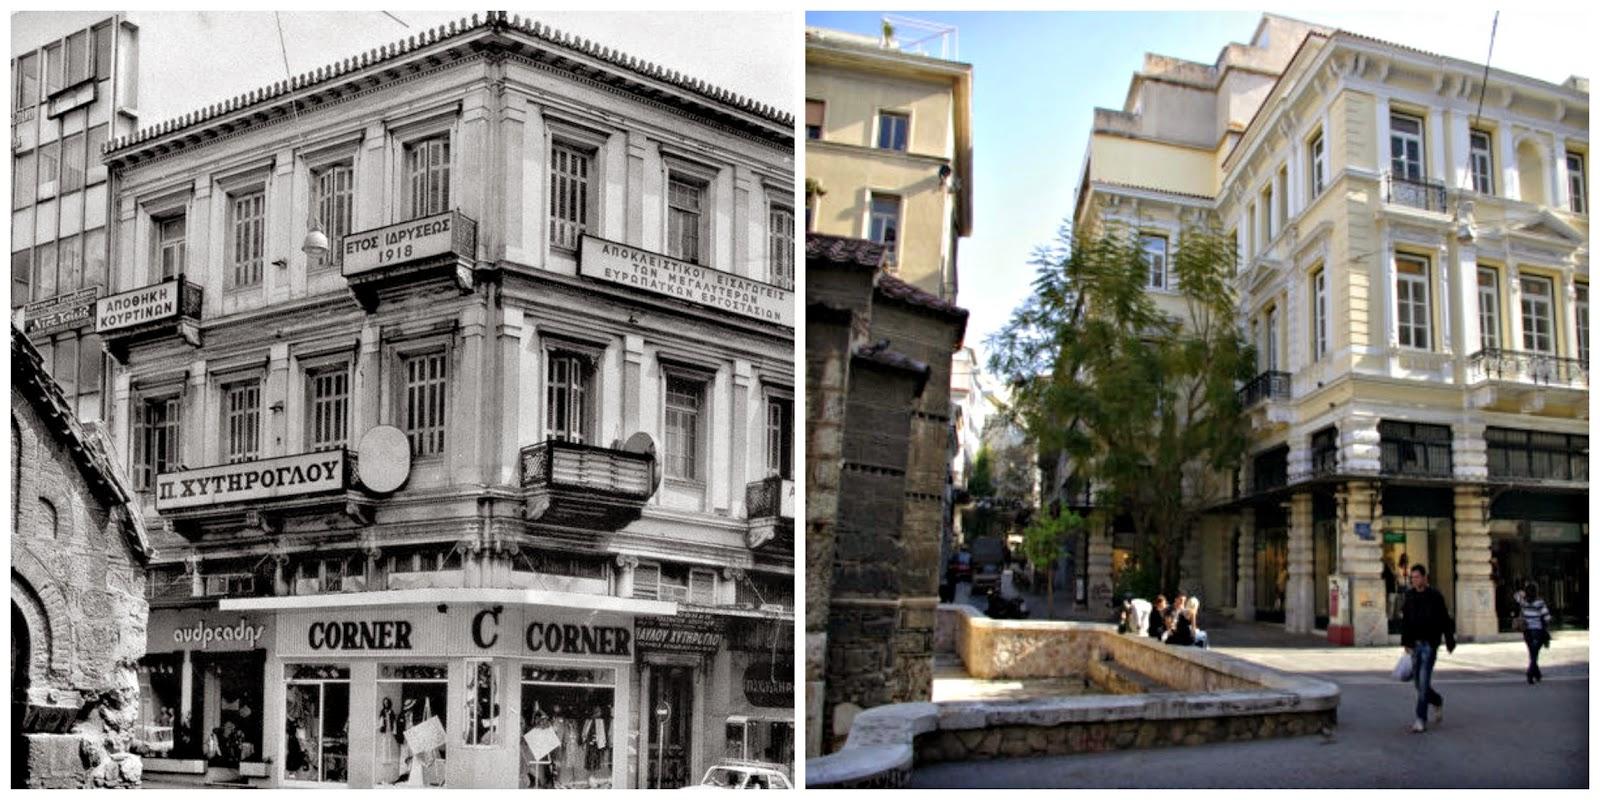 Corner of Ermou & Kapnikareas, Athens